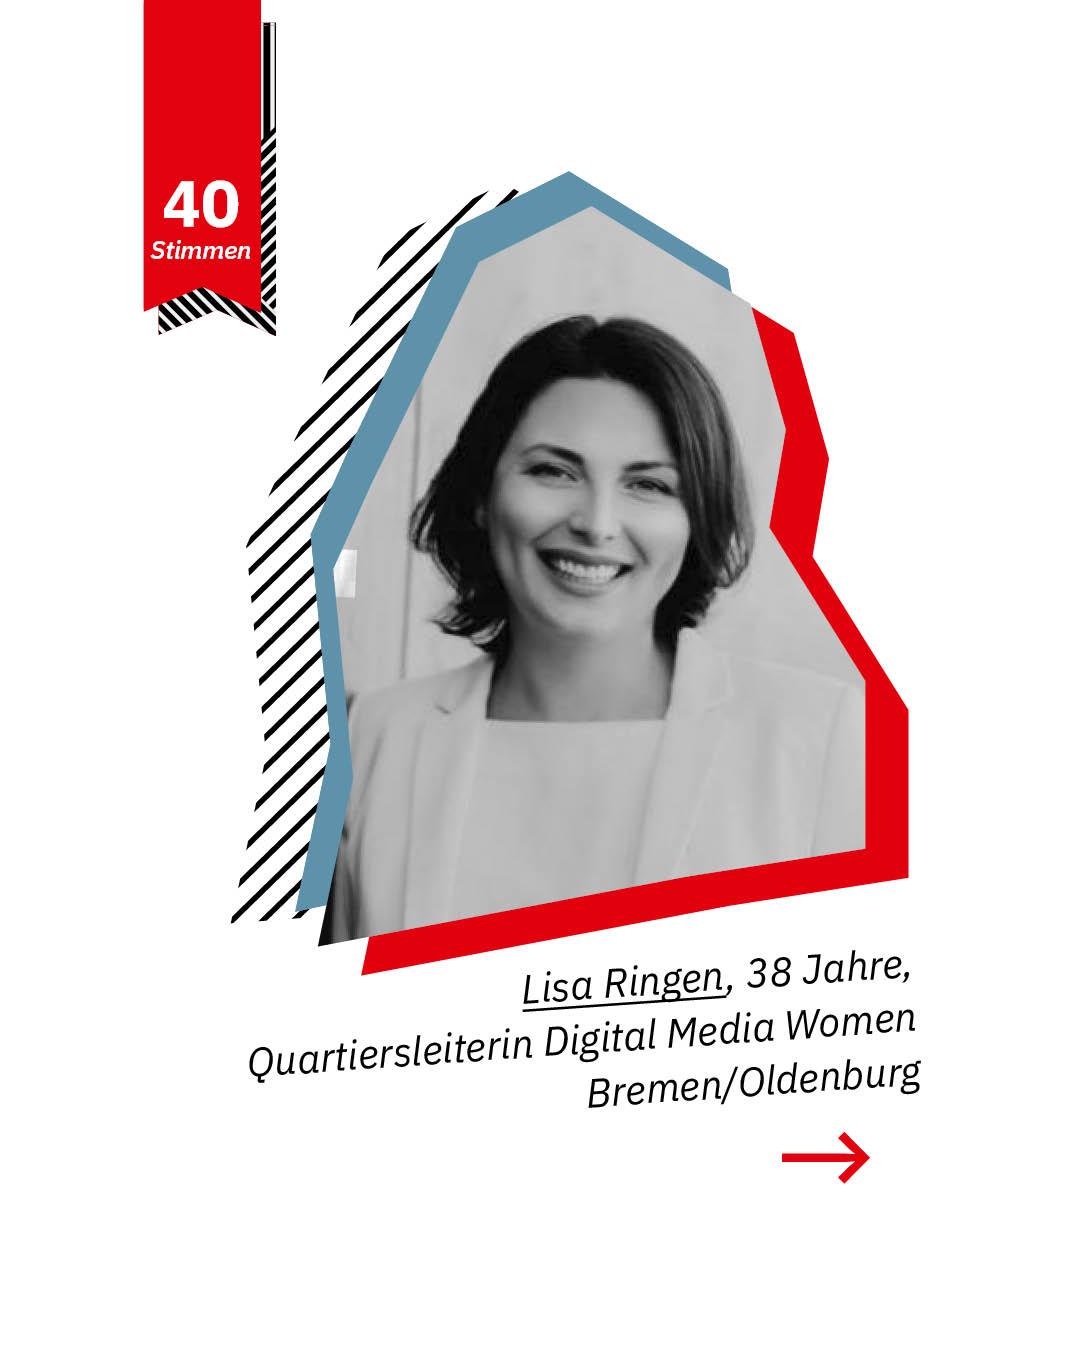 Statement 40 Jahre Gleichberechtigung, Lisa Ringen, Quartiersleiterin Digital Media Women, Bremen/Oldenburg